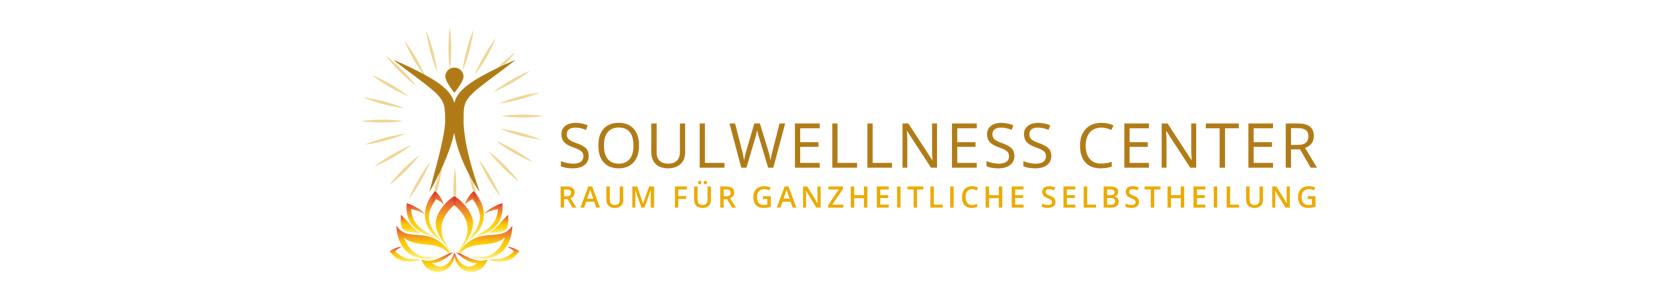 Soulwellness Center – Raum für ganzheitliche Selbstheilung